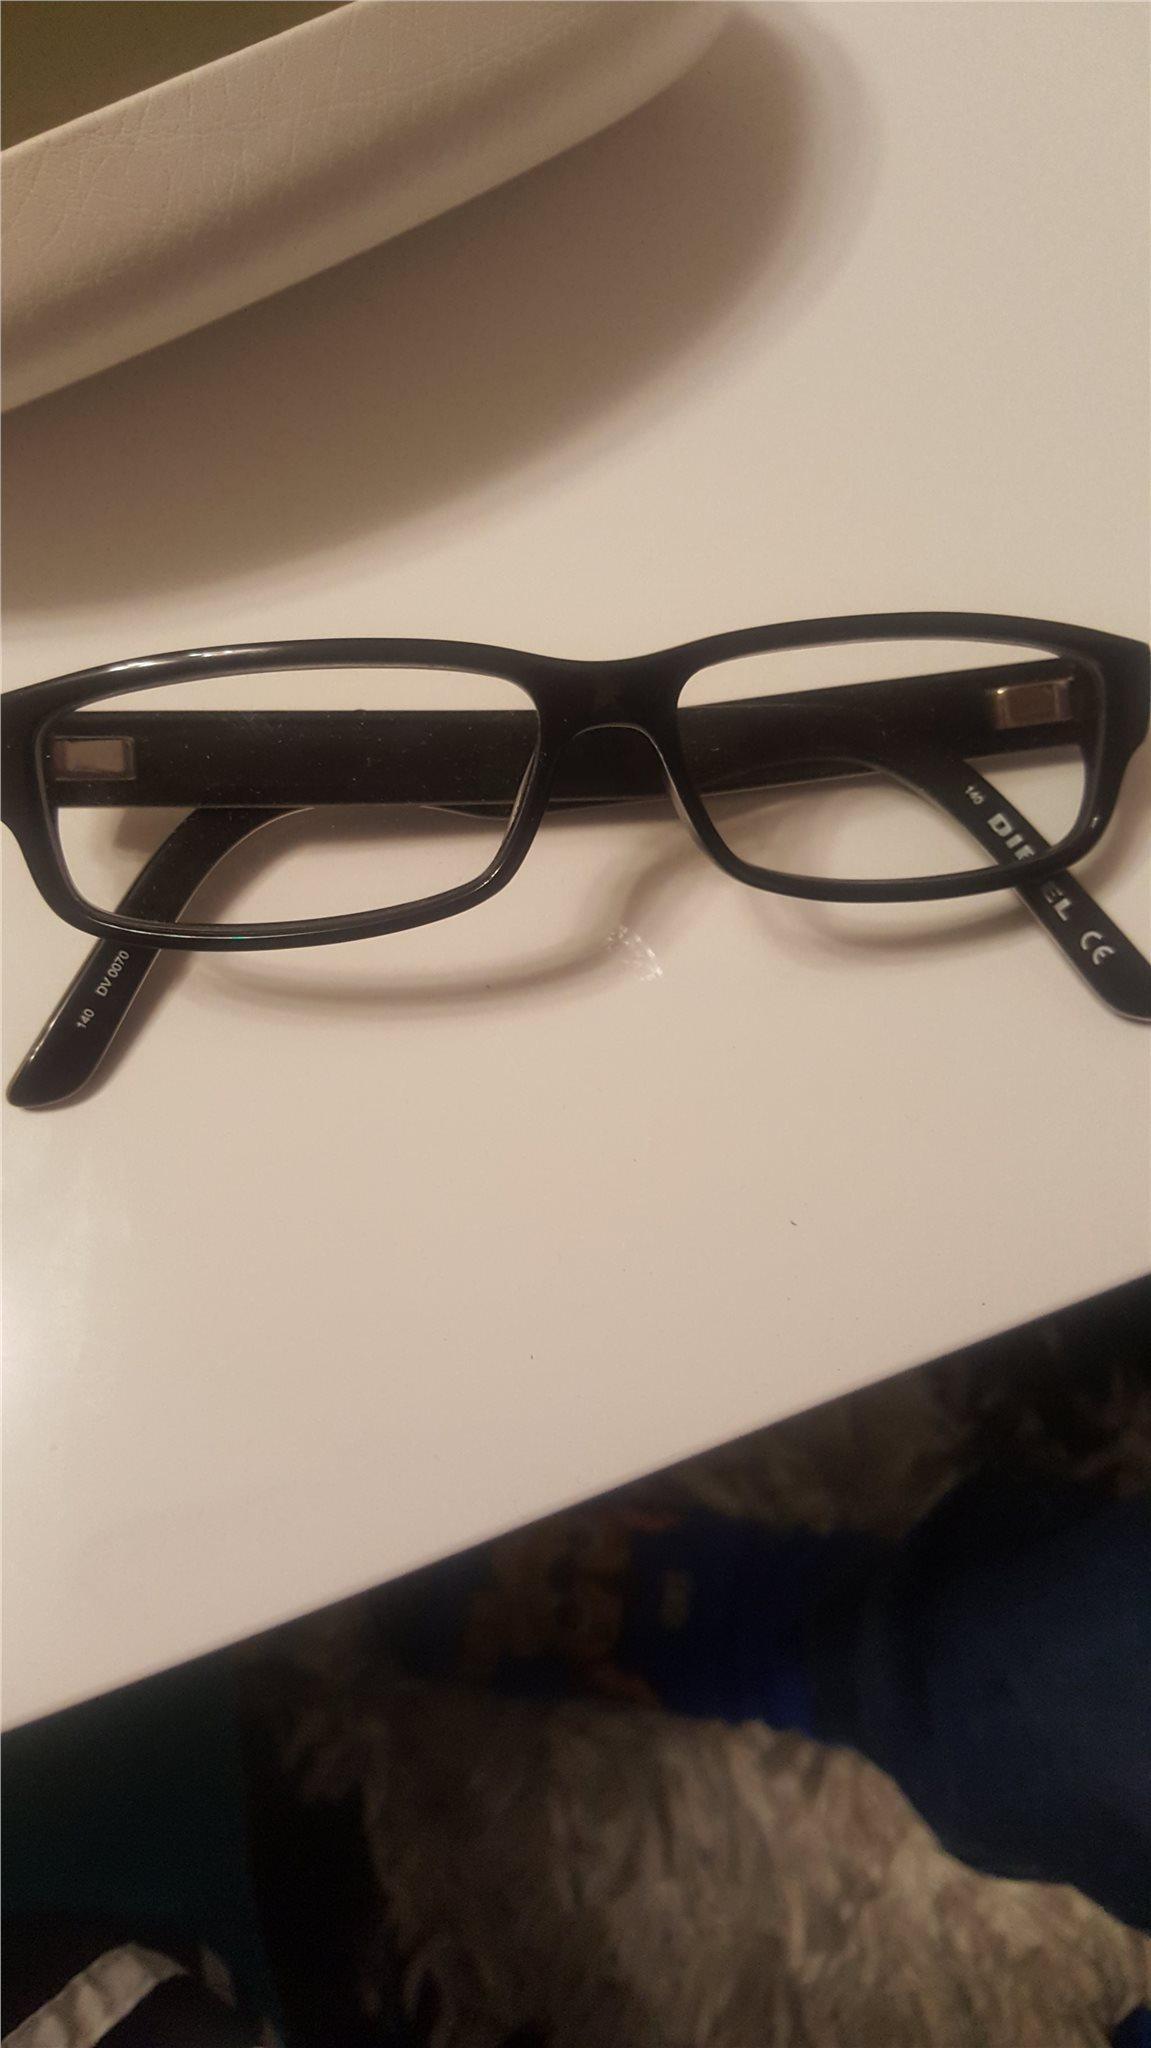 Snygga disel glasögon (341432778) ᐈ Köp på Tradera dfd49c31aa14a